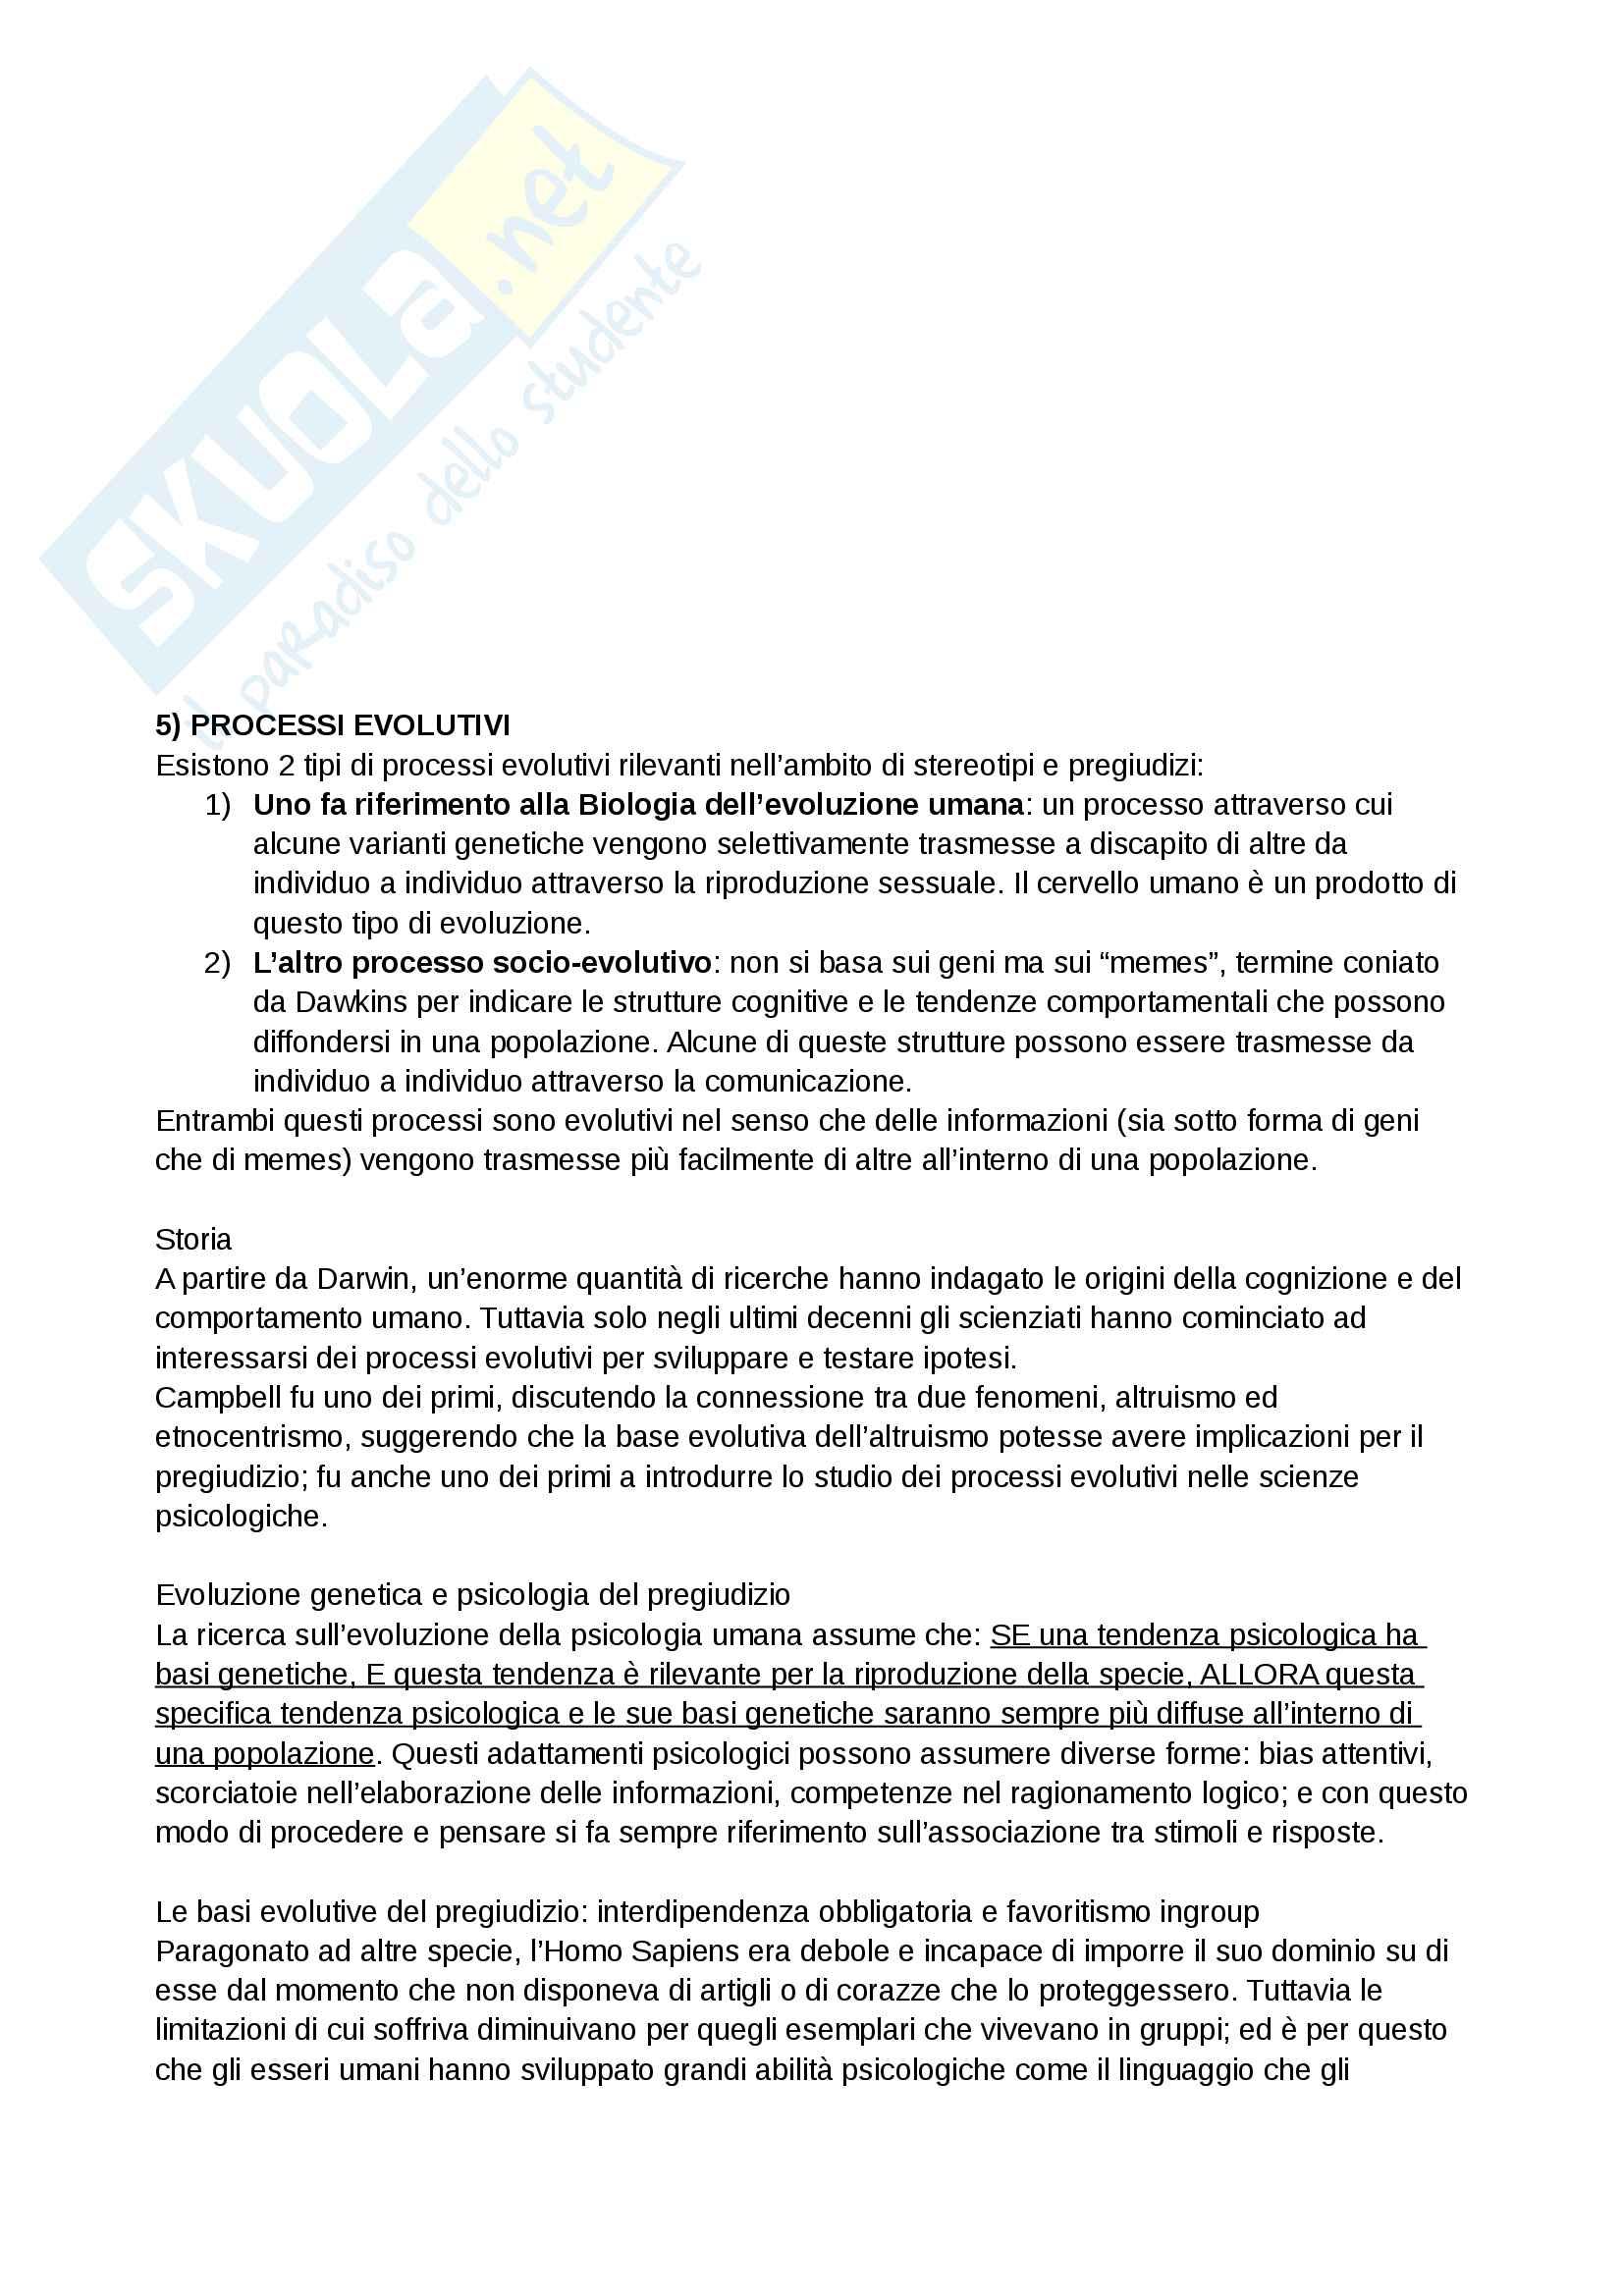 Riassunto esame e Appunti completi di Psicologia Sociale: corso avanzato per l'esame della Prof. Sacchi su Pregiudizio, Stereotipo, Discriminazione Bicocca Pag. 11